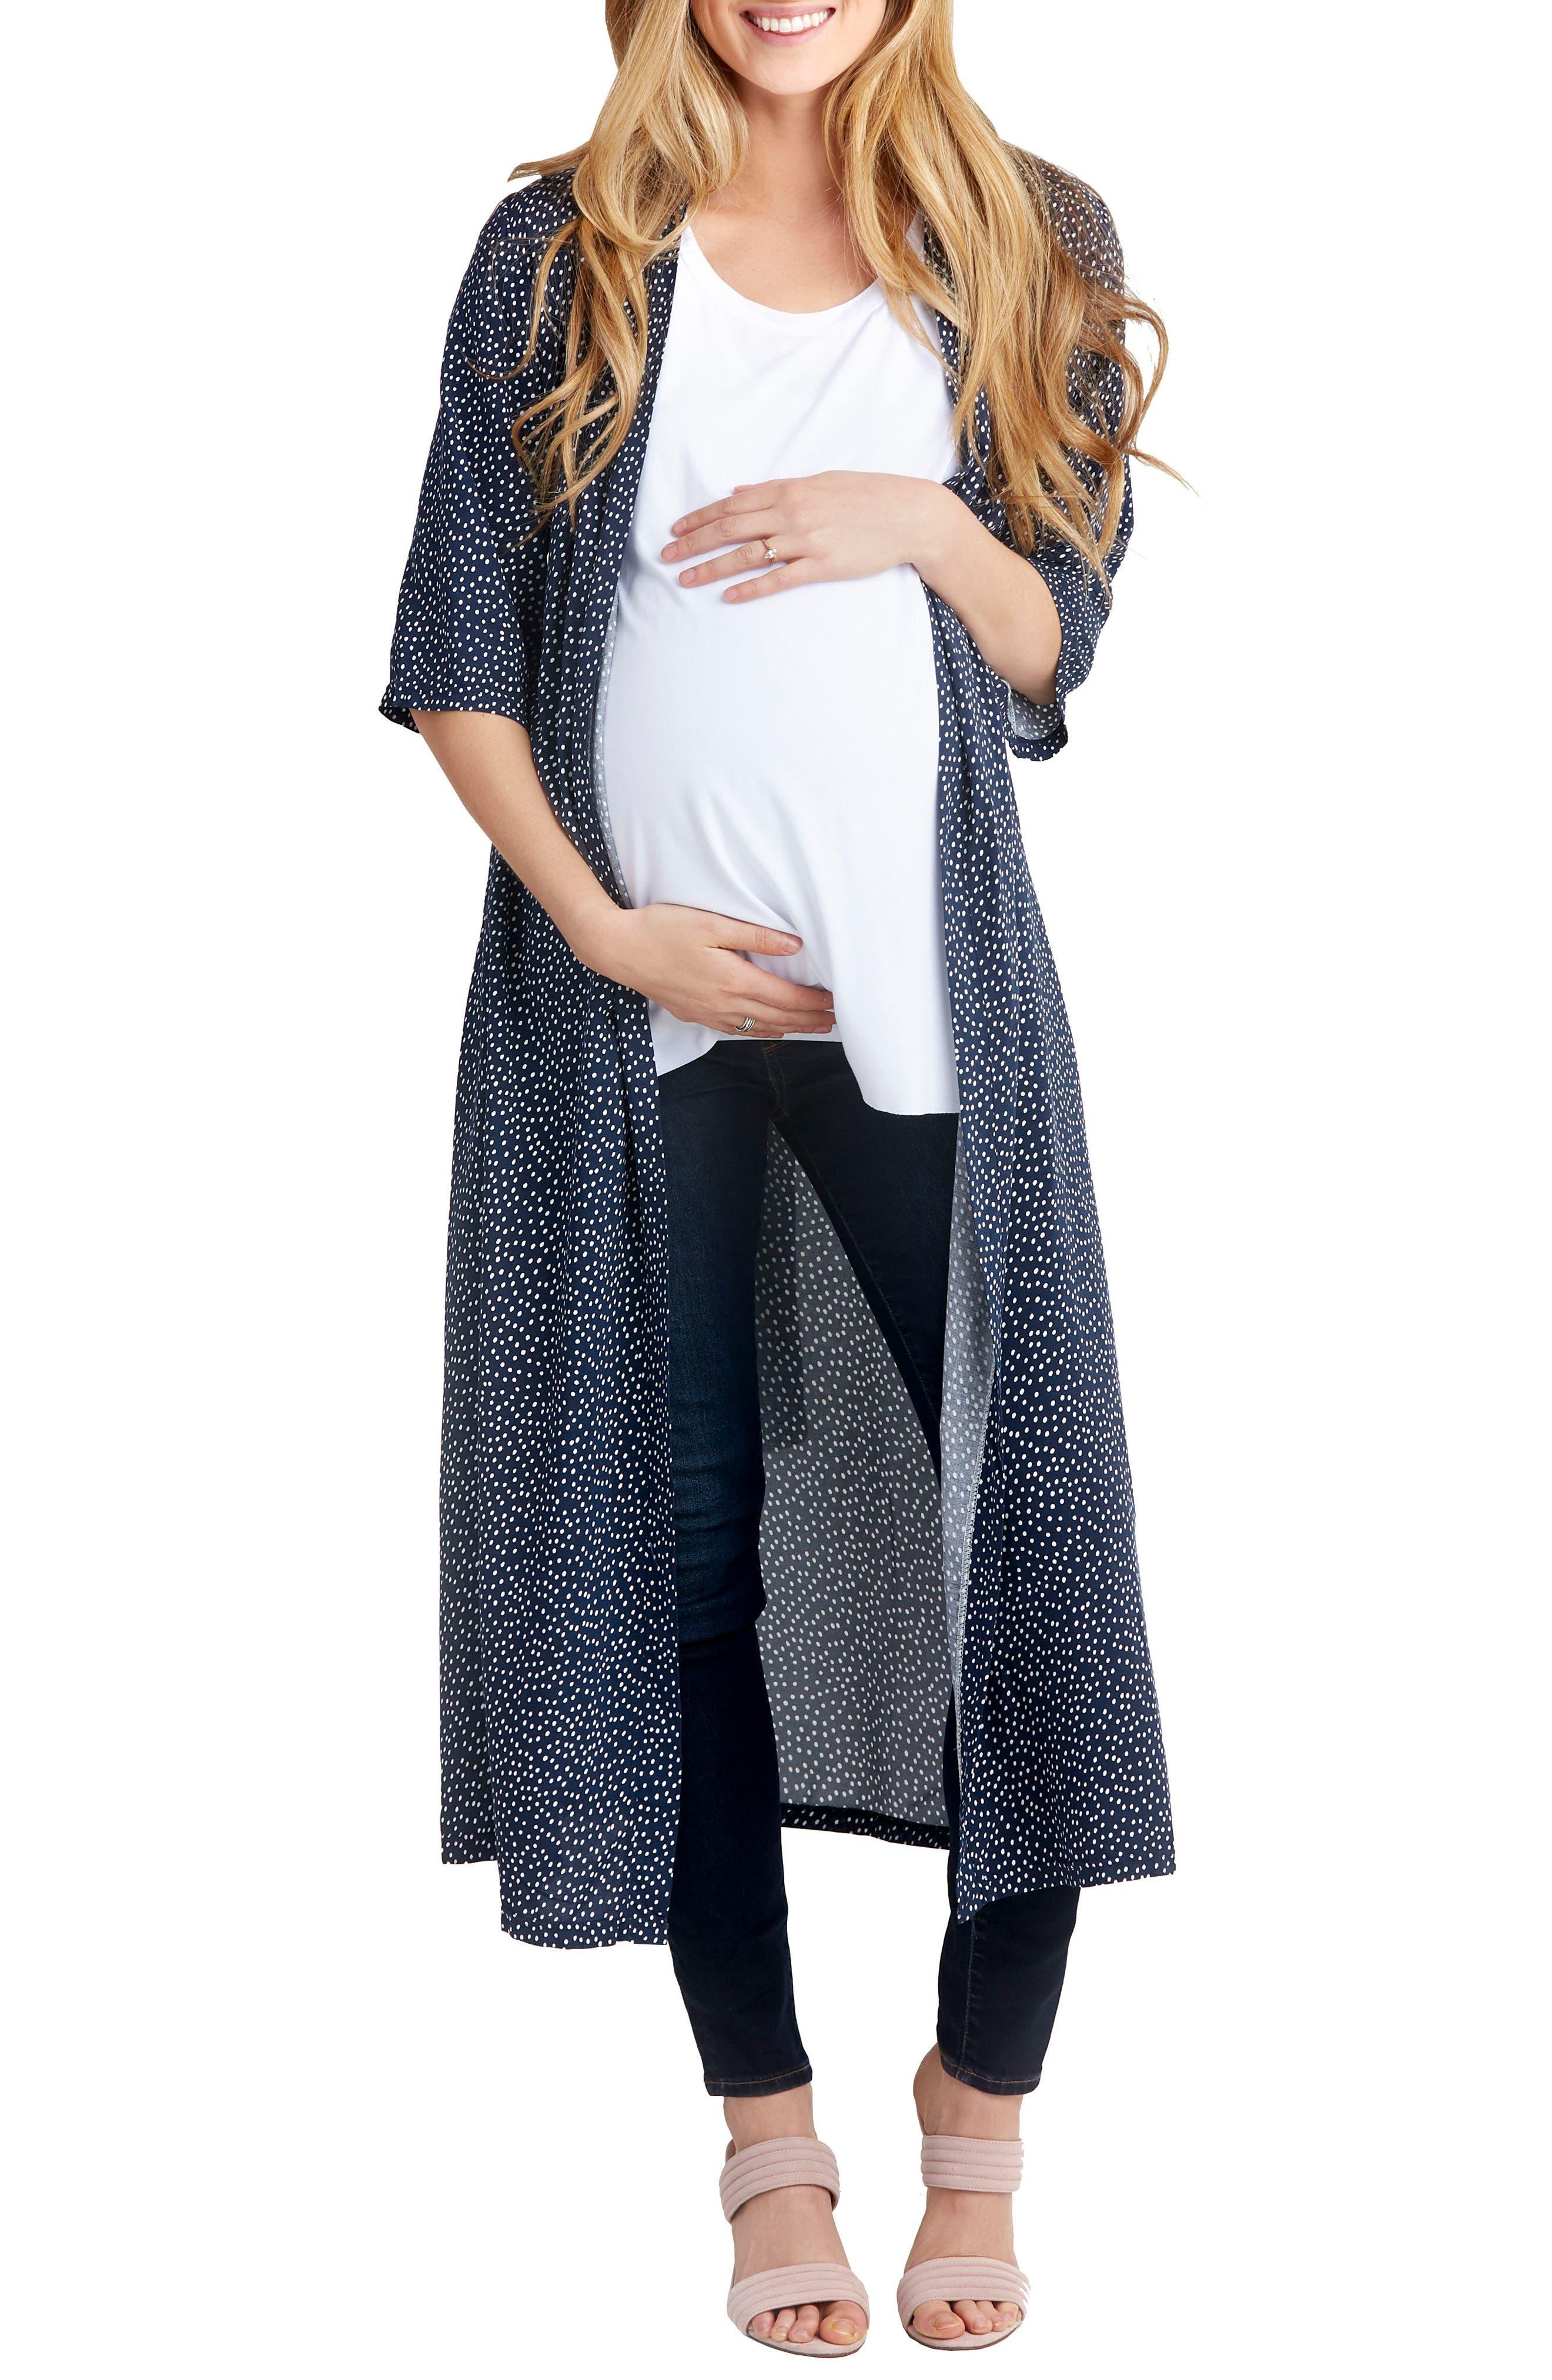 Draper Maternity Robe,                             Main thumbnail 1, color,                             Dot